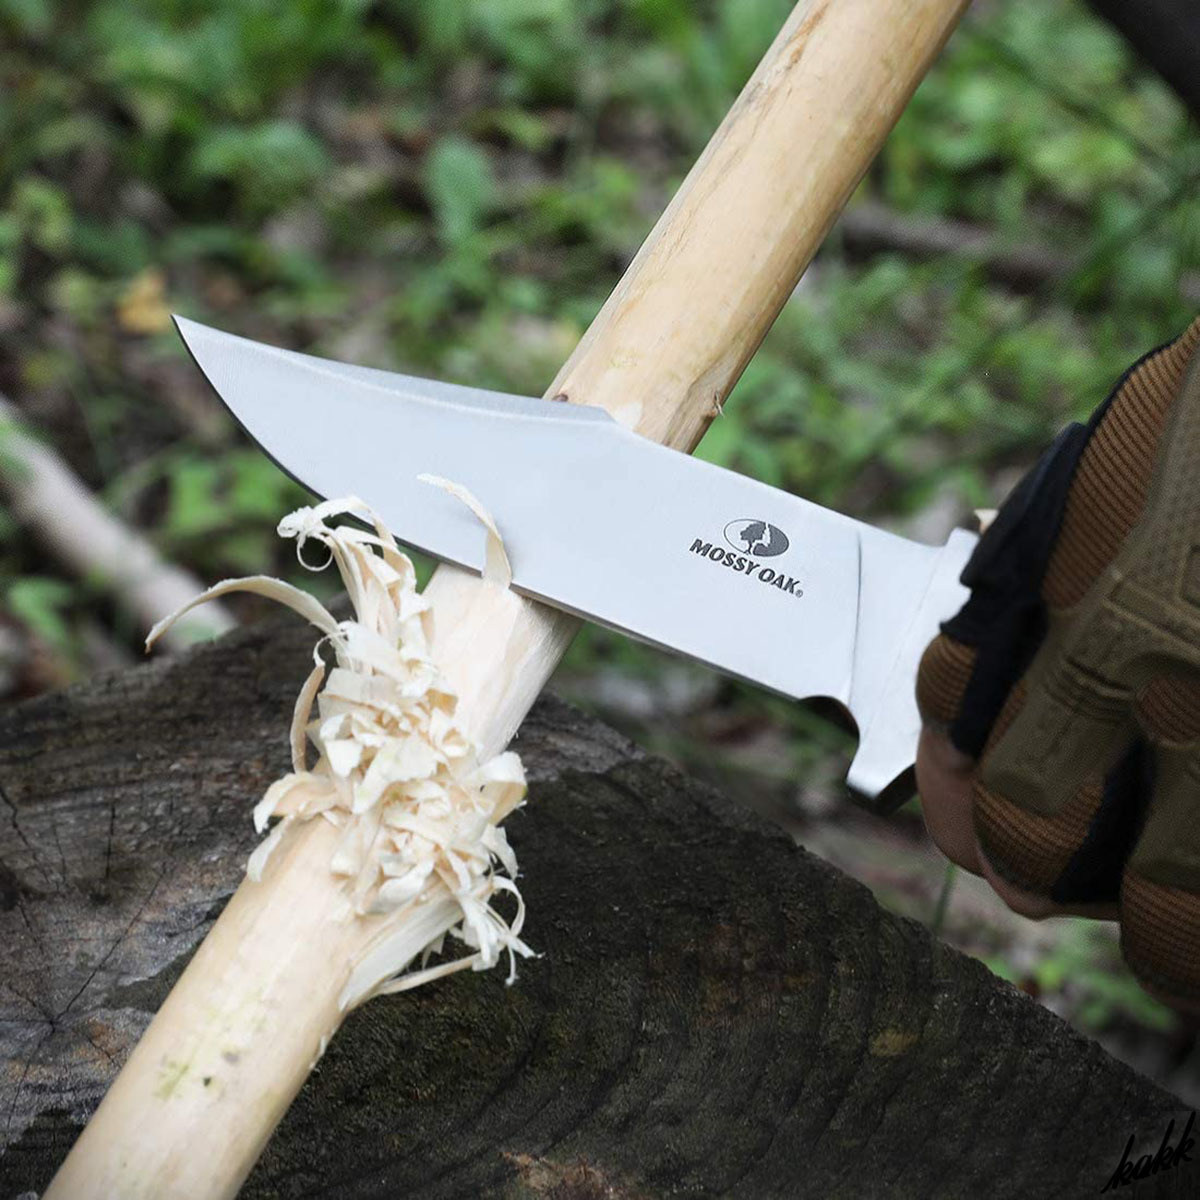 【錆びにくく長持ち】 シースナイフ フルタング 天然ウッドハンドル ステンレス サテン仕上げ 狩猟刀 キャンプ サバイバル